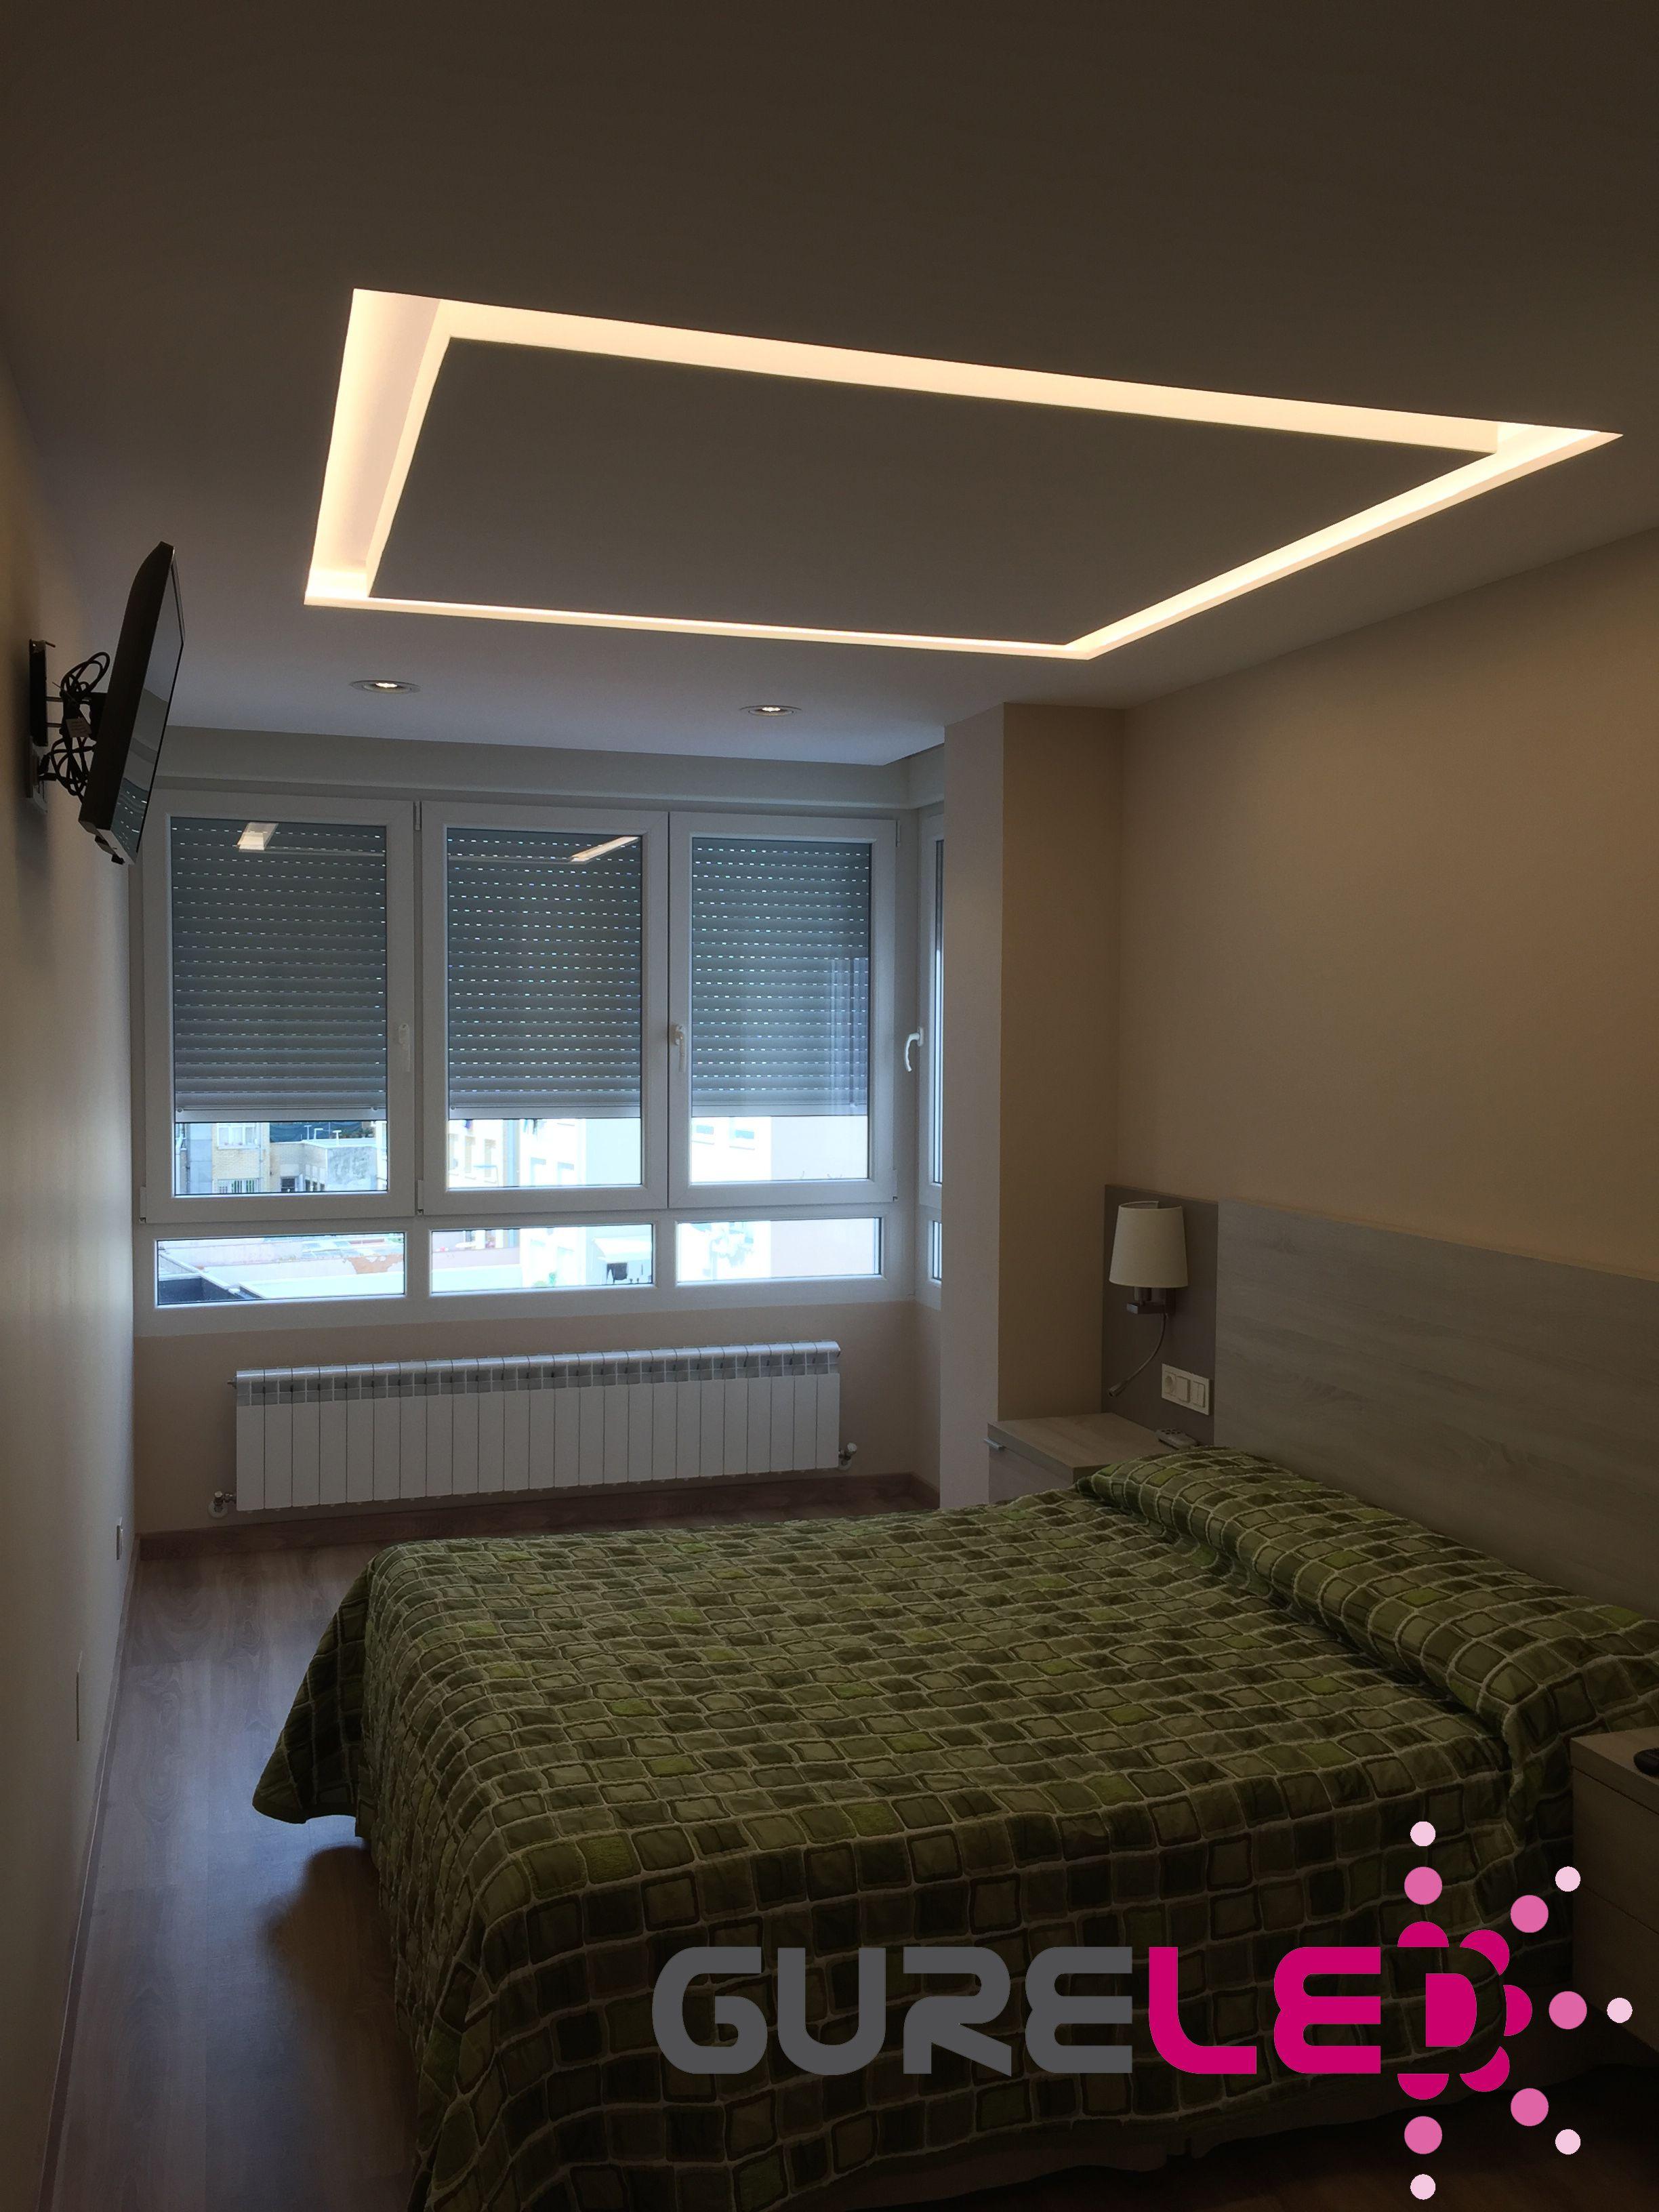 Dormitorio Iluminado Con Tiras De Leds Como Alumbrado